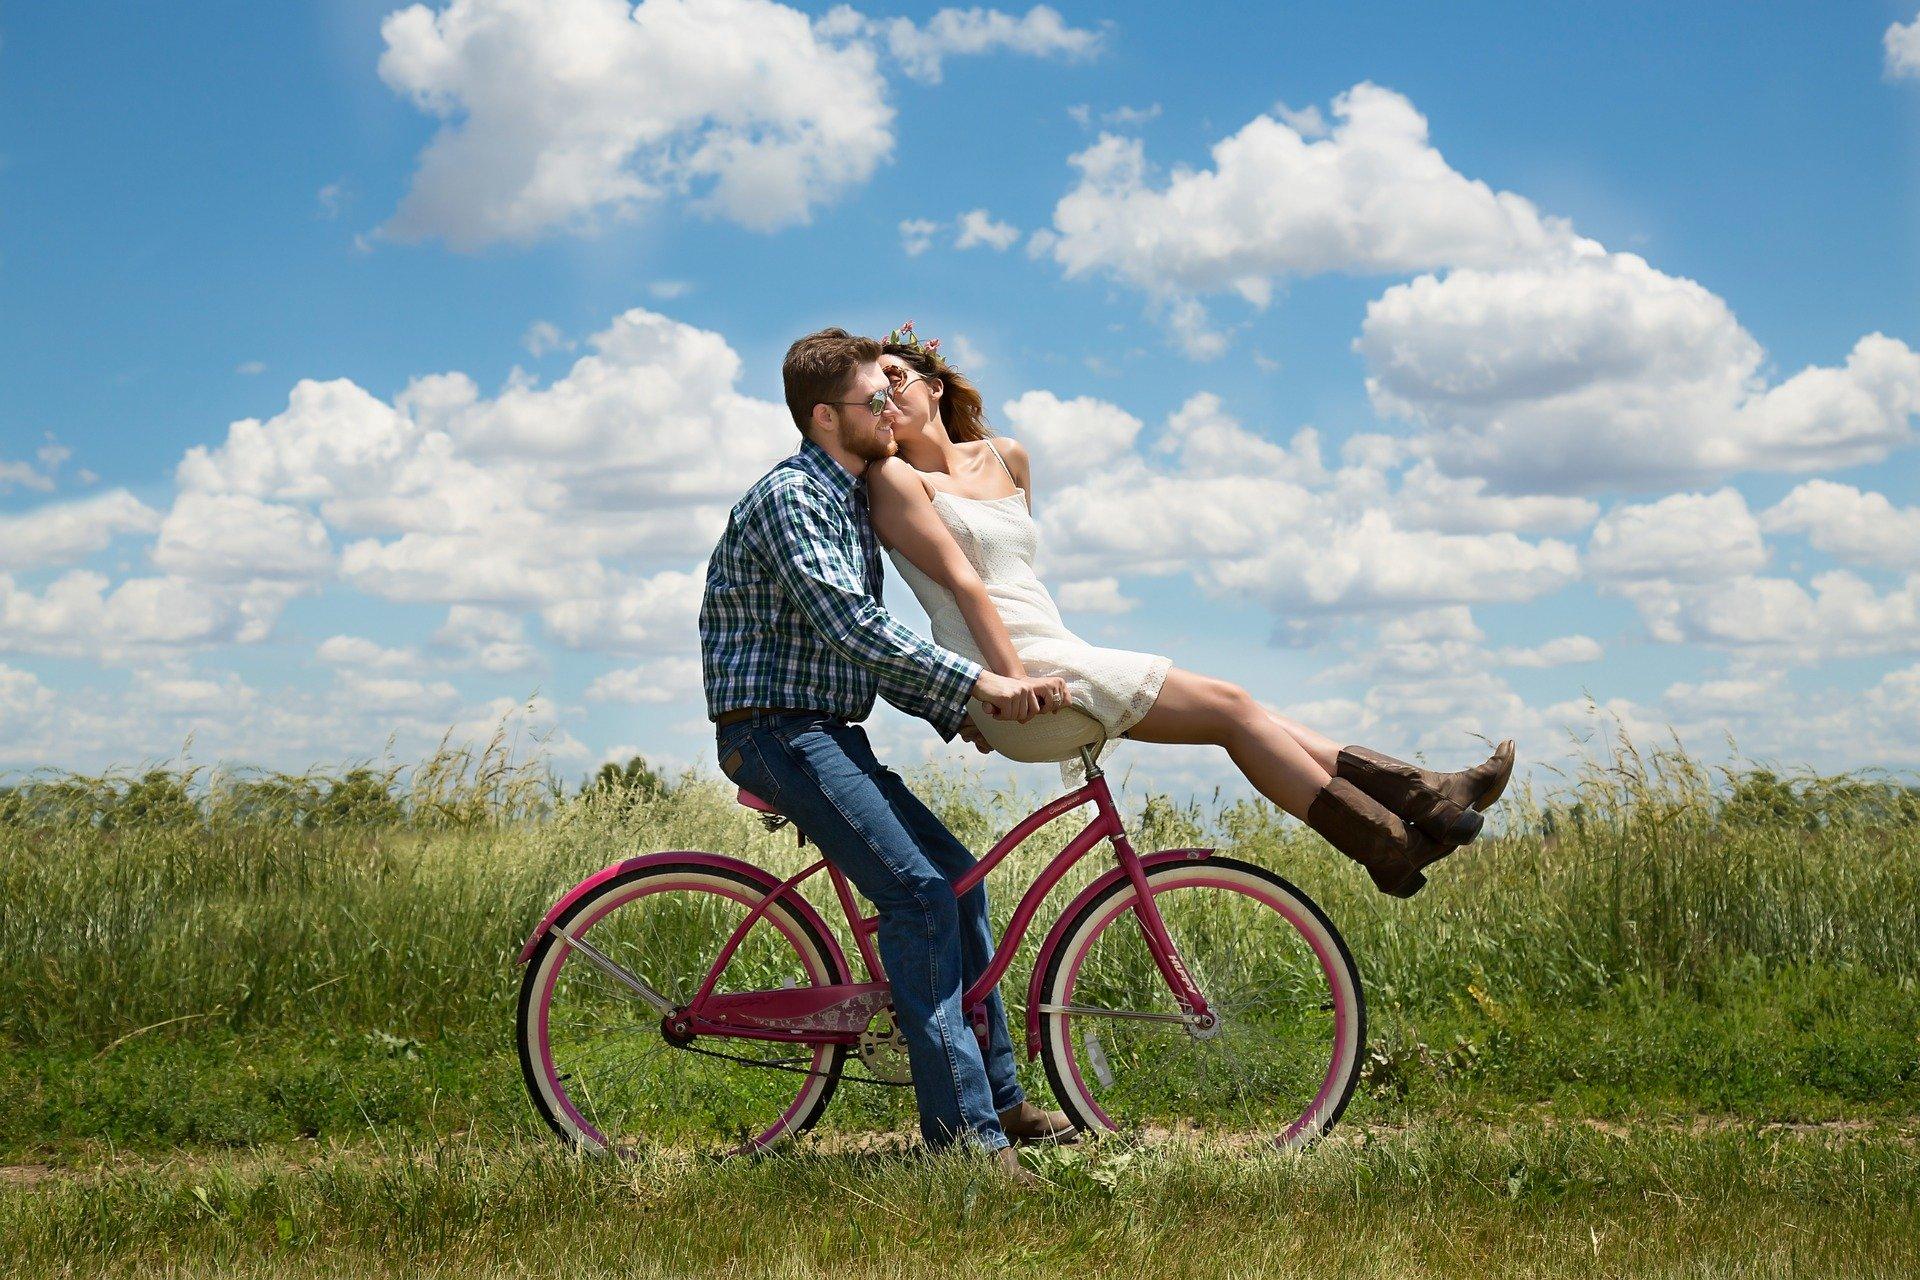 Joven pareja en bicicleta. Fuente: Pixabay